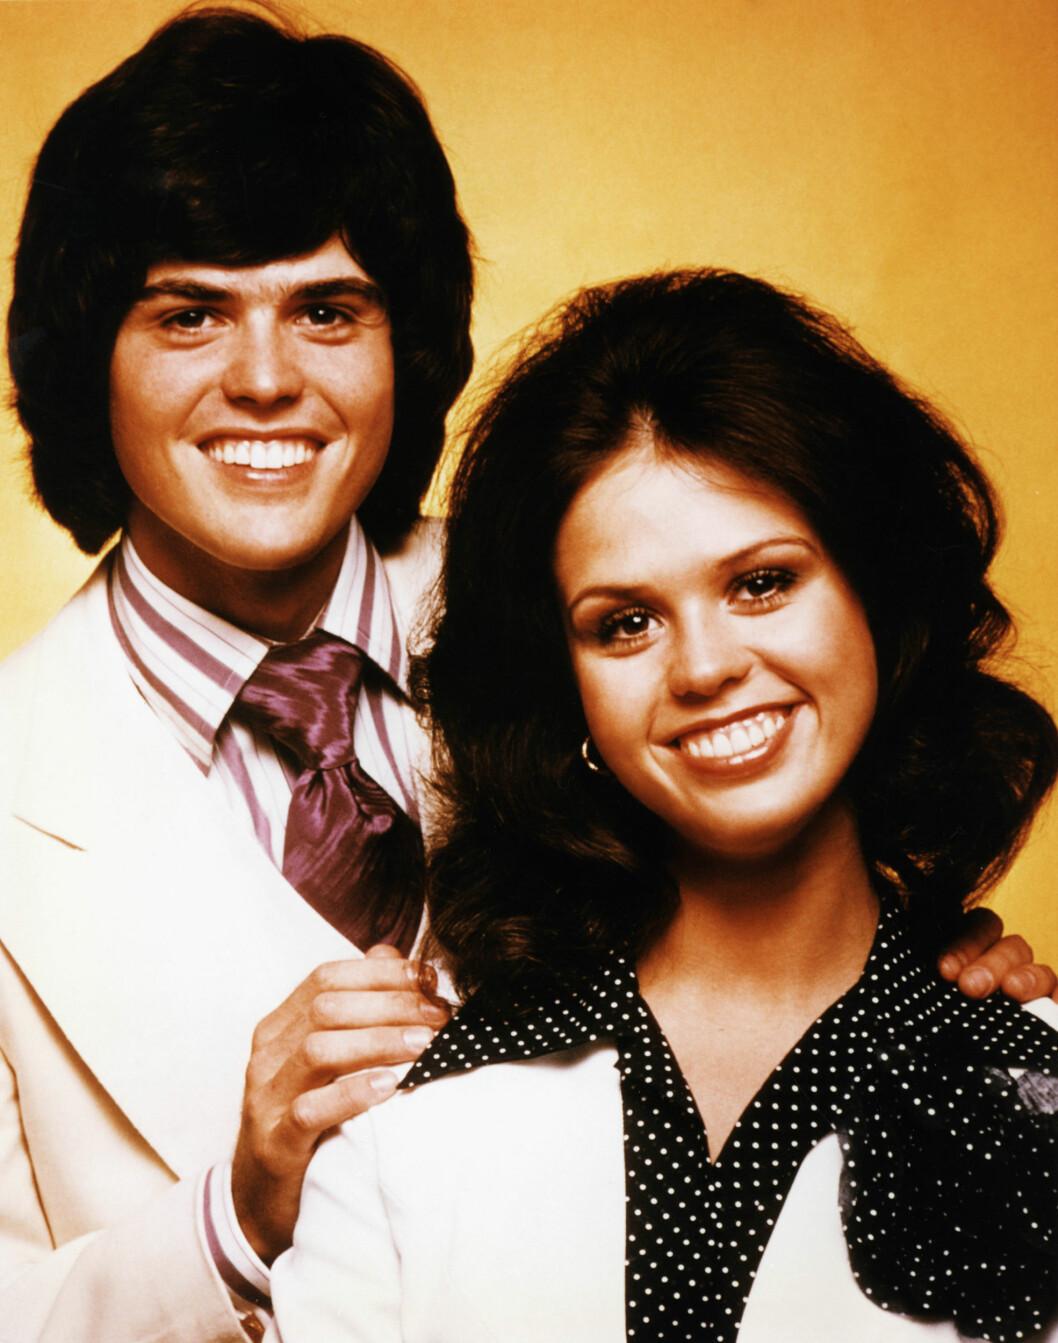 70-TALLS STJERNER: Donny og Marie Osmond gjorde stor suksess på 70-tallet med blant annet album og eget TV-show. Foto: Stella Pictures